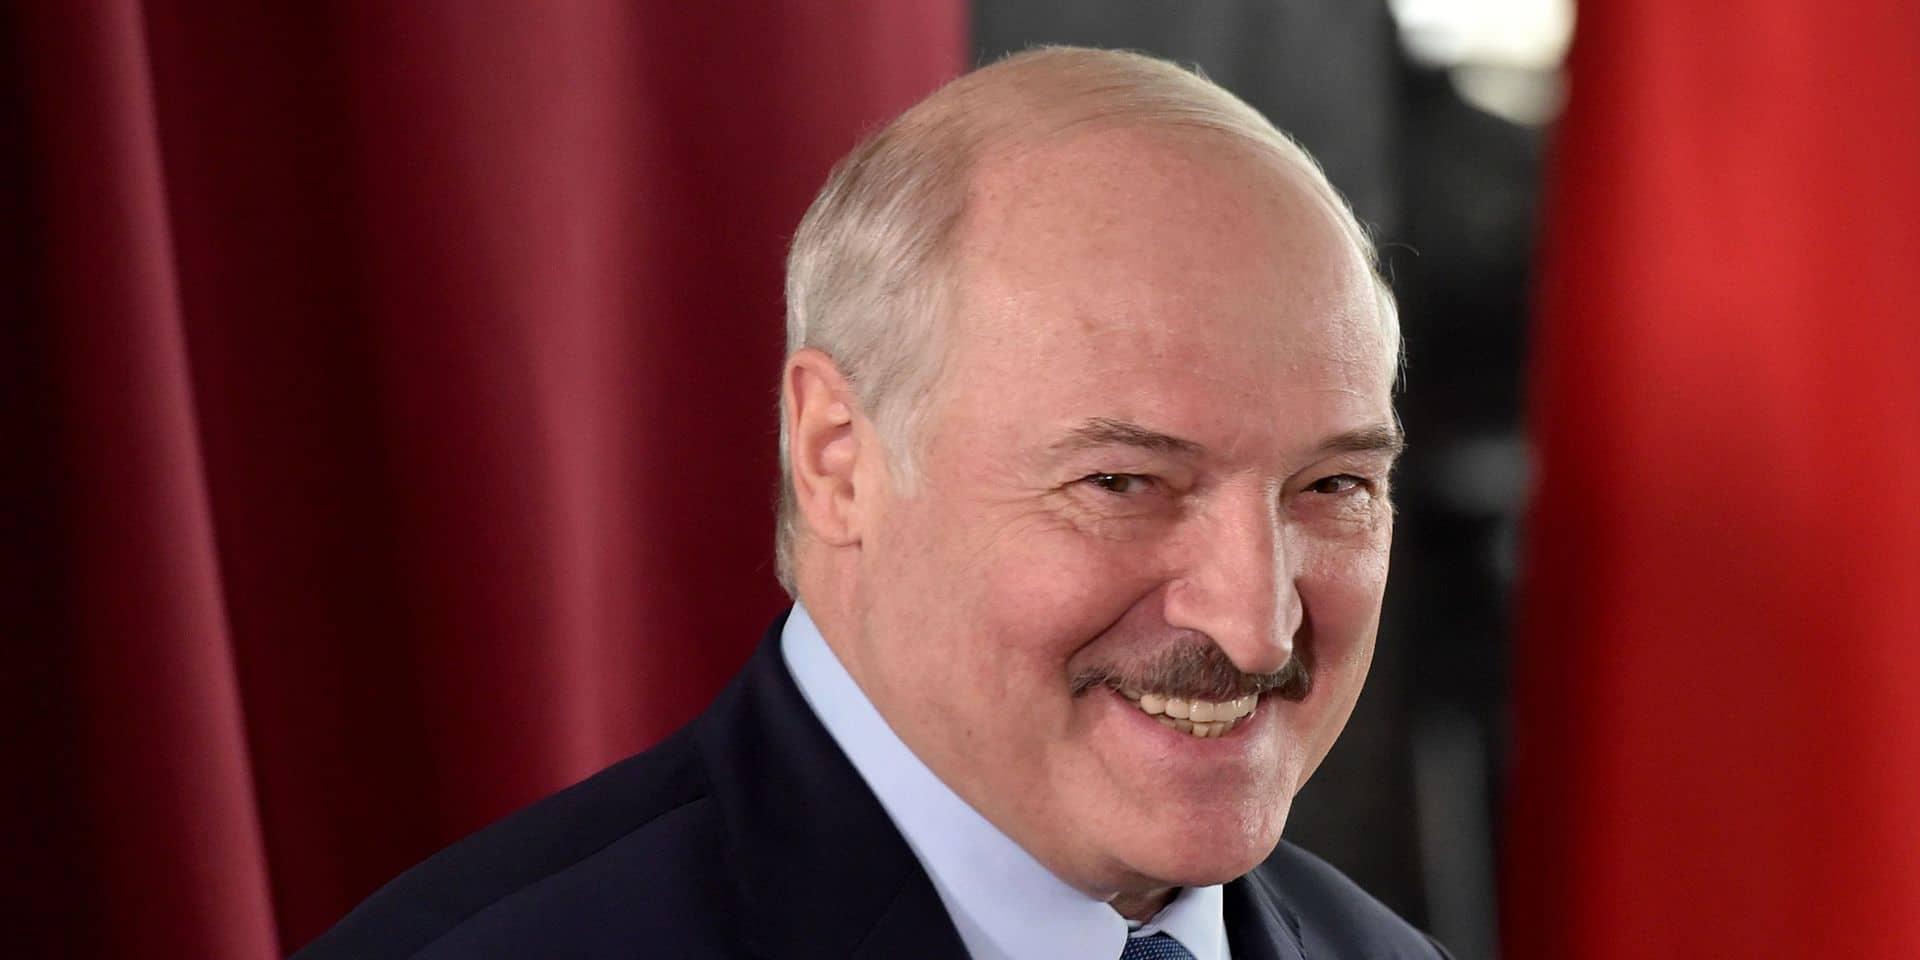 Biélorussie: Loukachenko suggère de nouvelles élections après un referendum